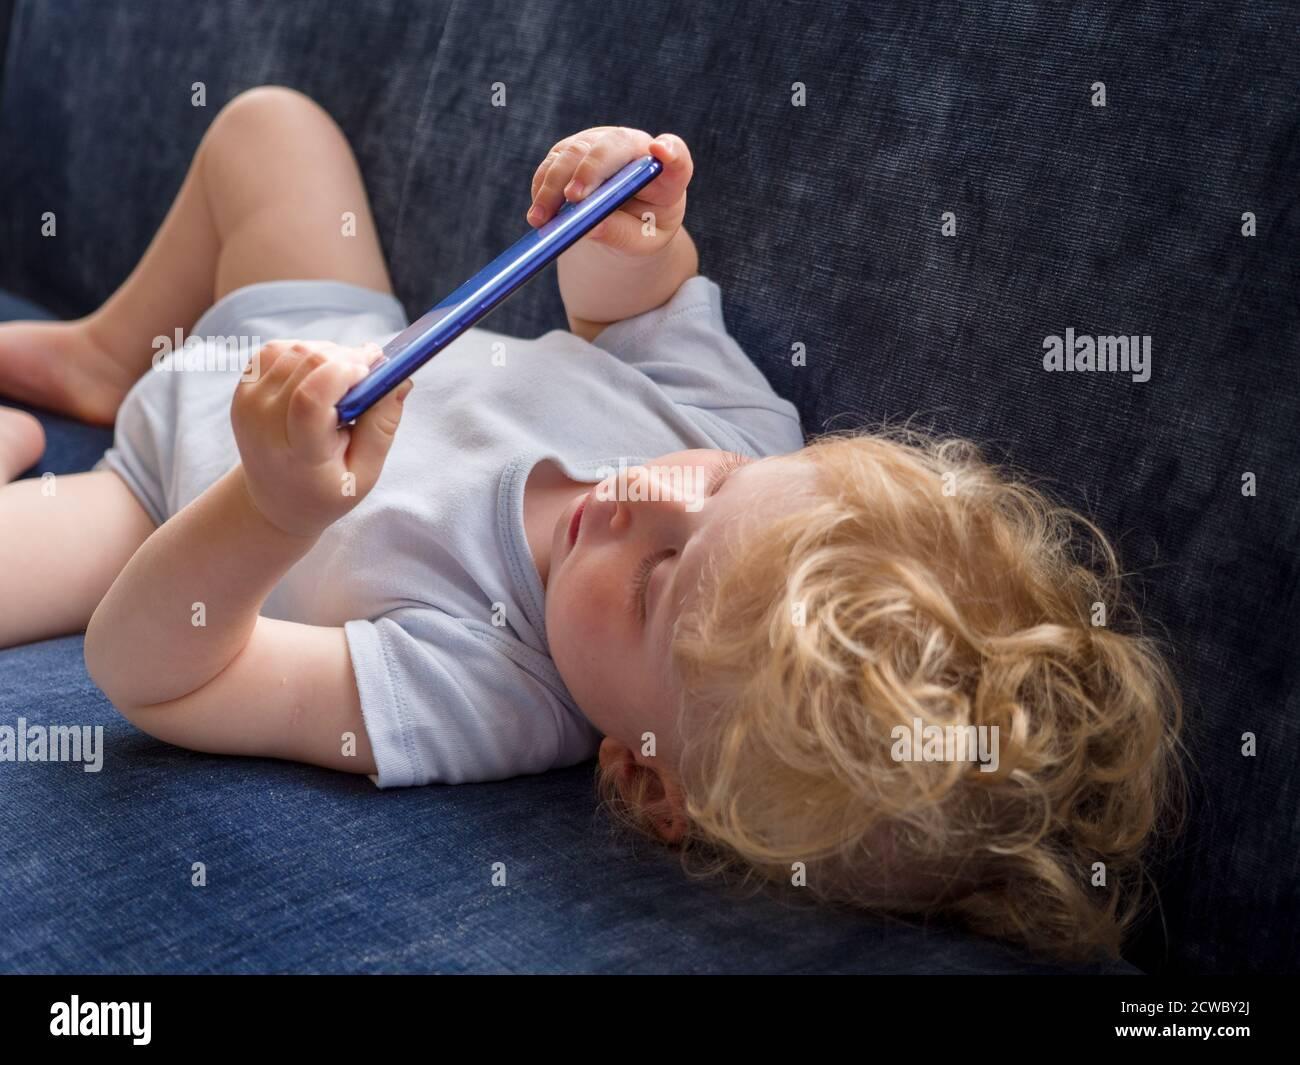 Bébé d'un an regardant des vidéos youtube sur un mobile téléphone Banque D'Images